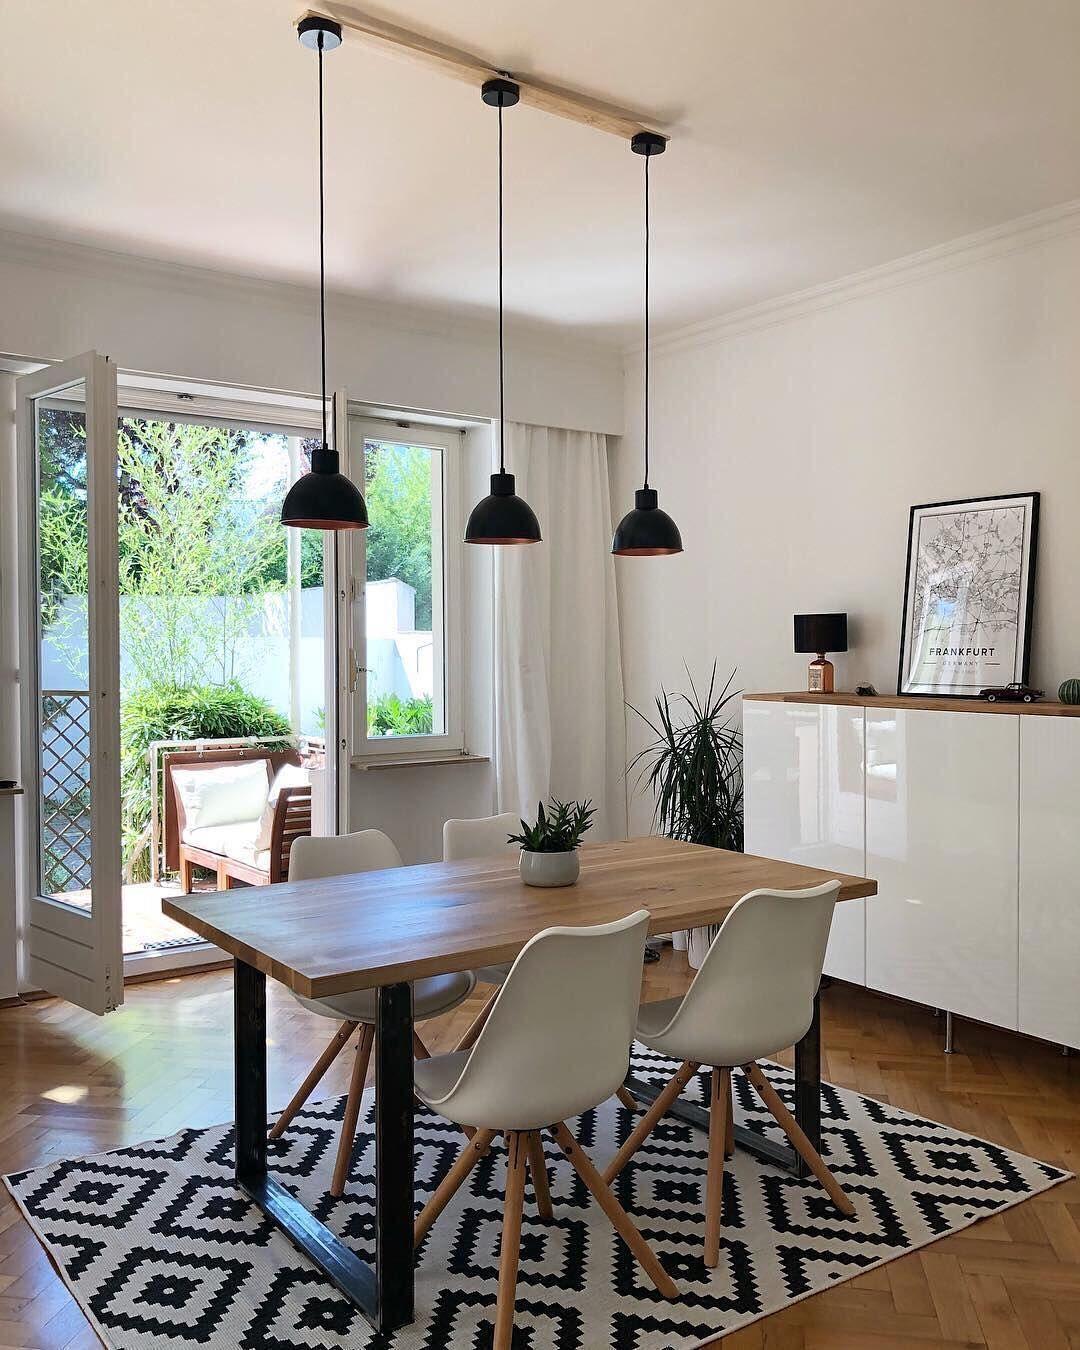 La Sala Da Pranzo Di Cui Ci Siamo Innamorati Scoprite Tavolo E Sedie In Offerta Cliccando Dinning Room Decor Dining Room Design Living Room Decor Apartment